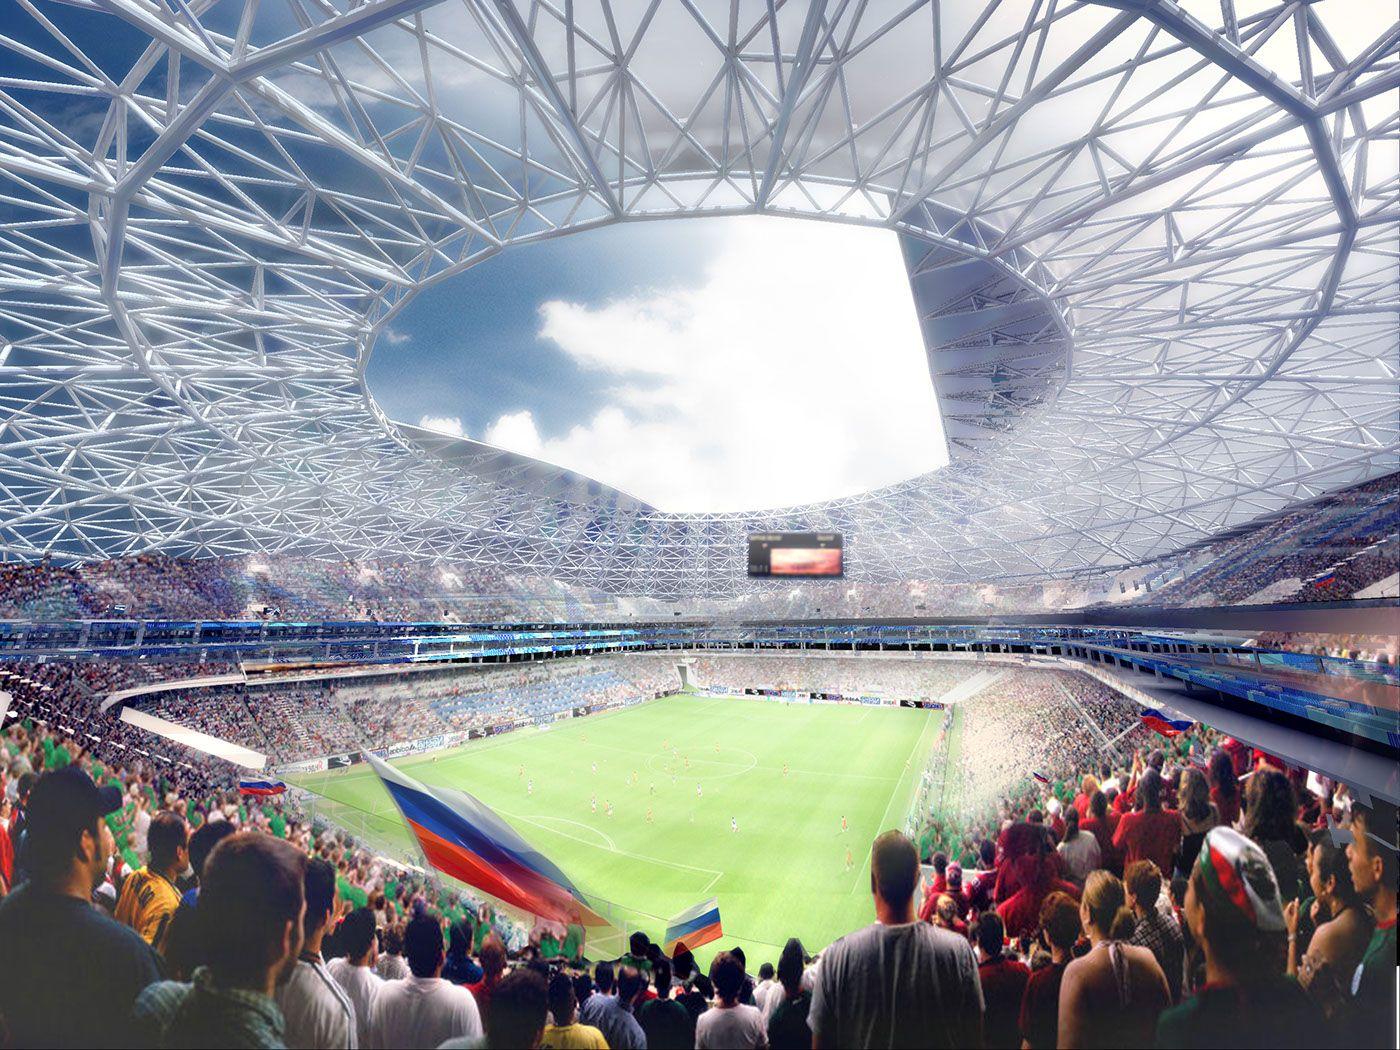 Design: Samara Arena - StadiumDB.com